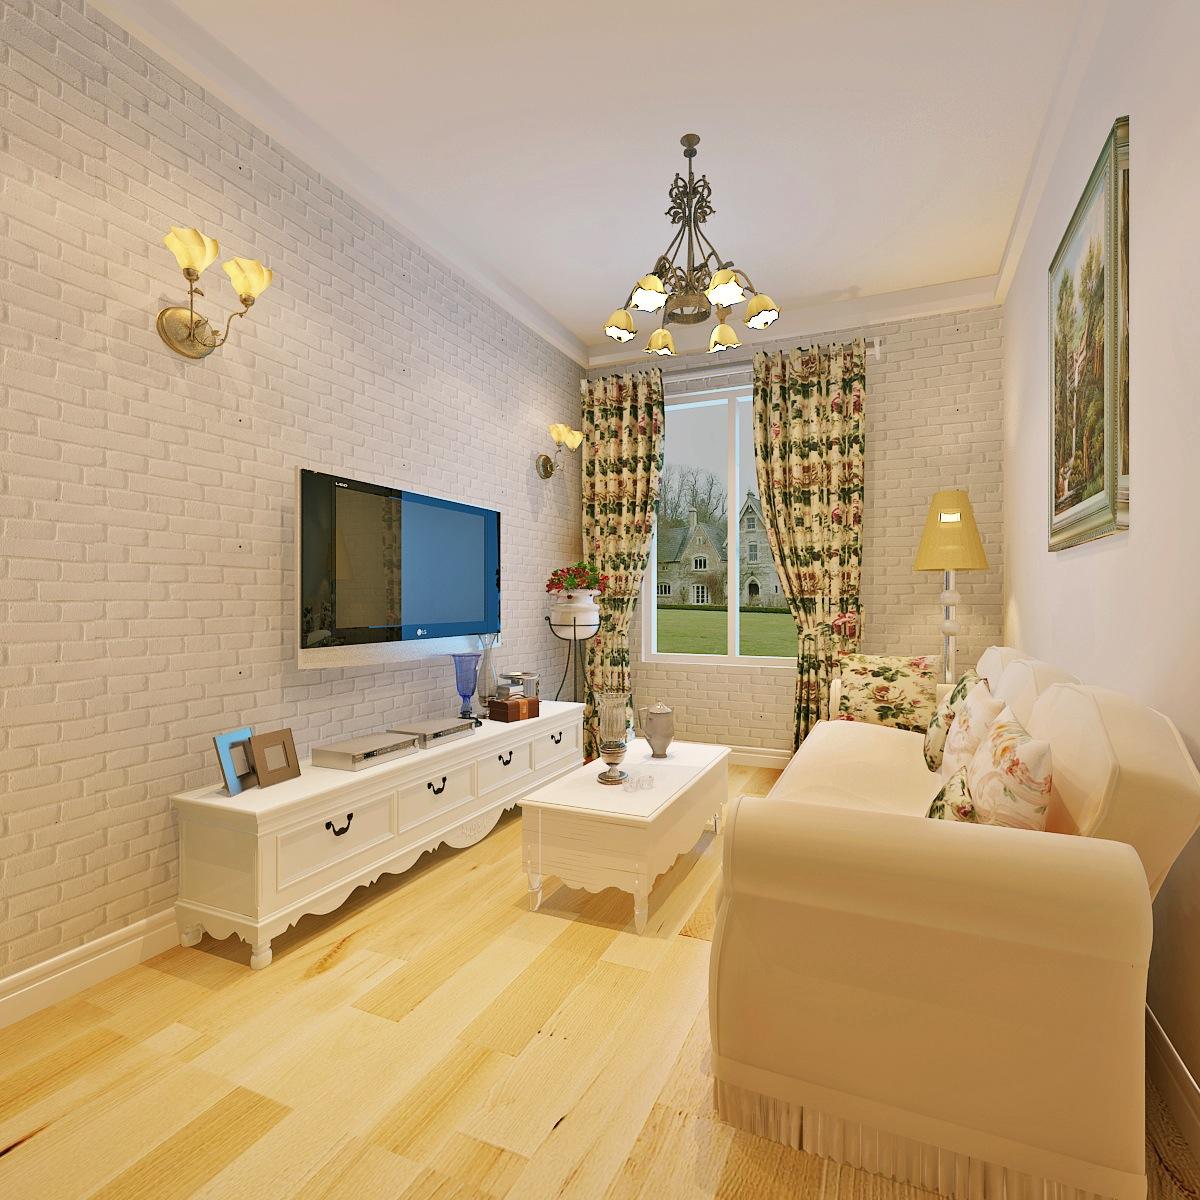 看北京刚需一族的首套房装修 7万预算装出美美的新家